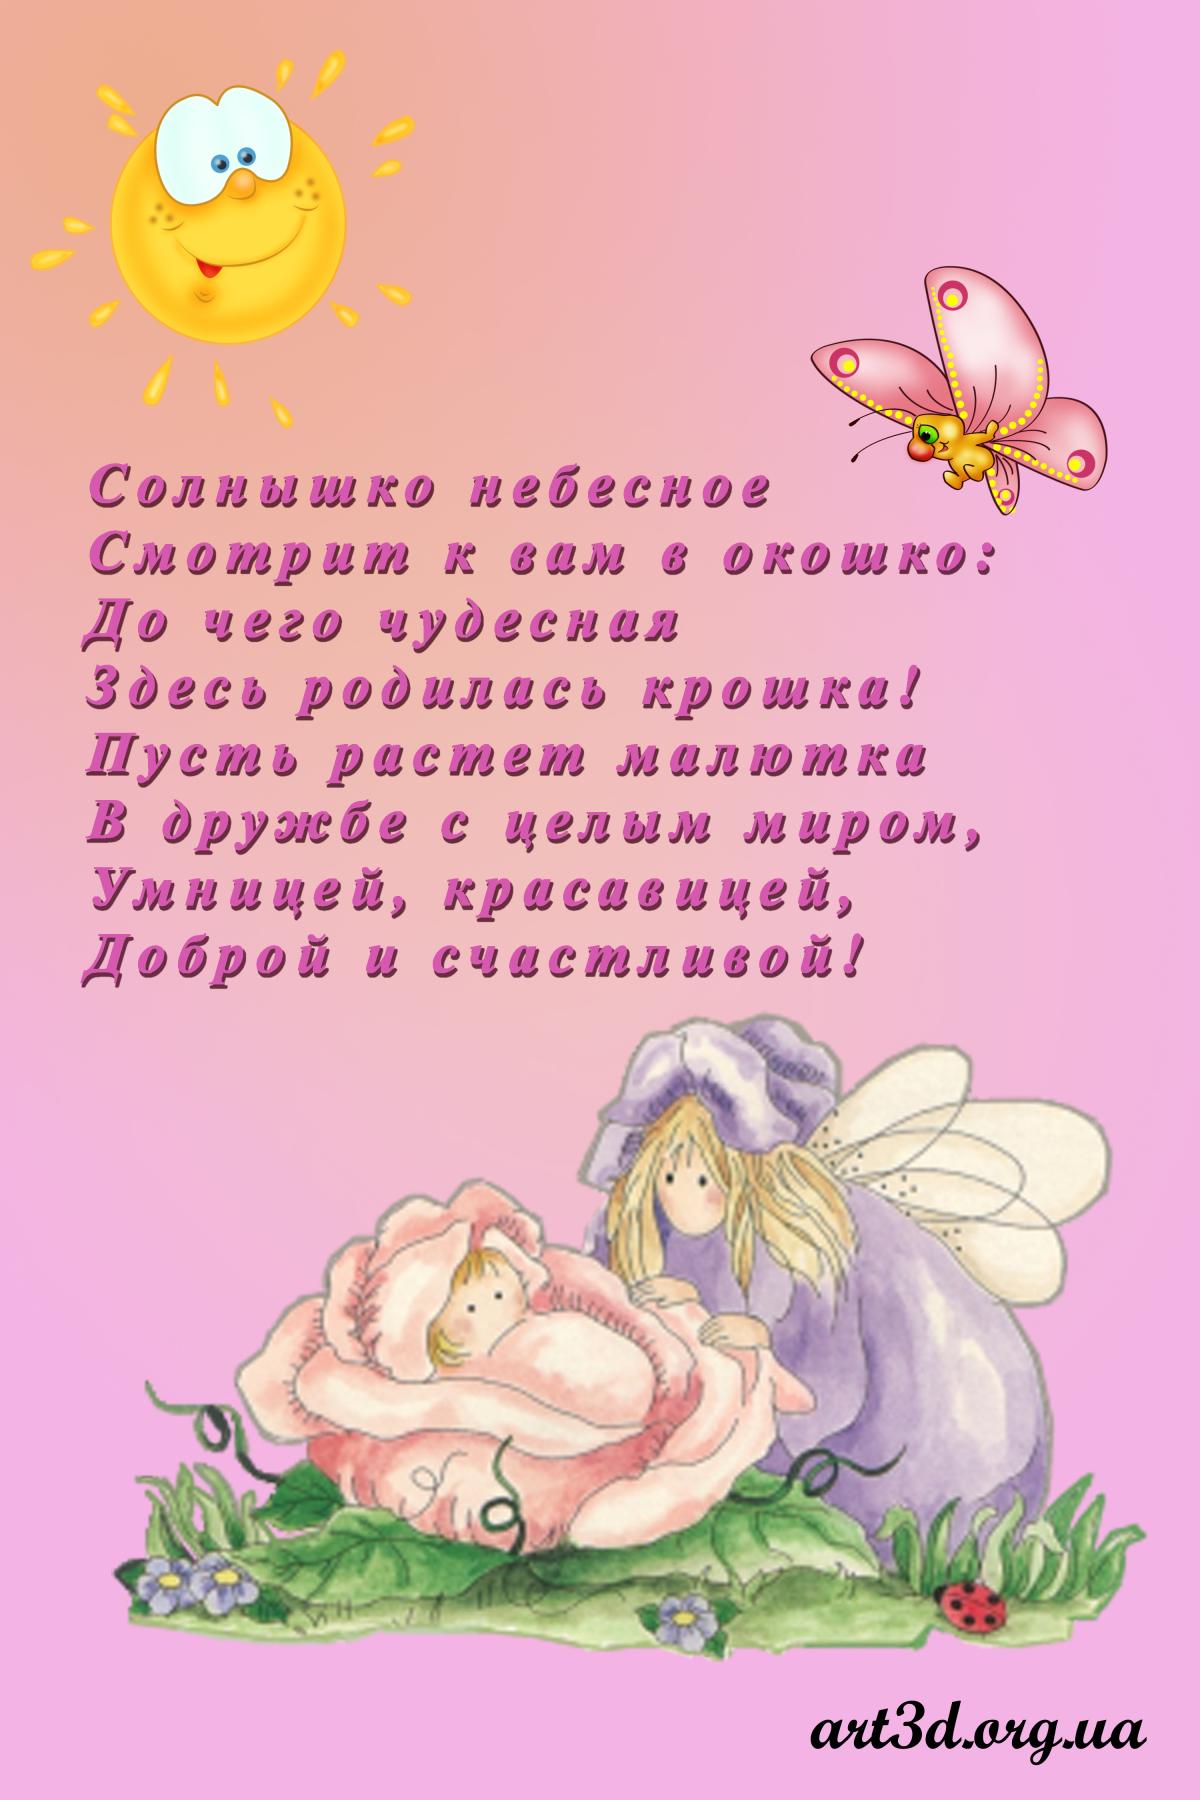 Поздравления с серебряной свадьбы красивые в стихах короткие